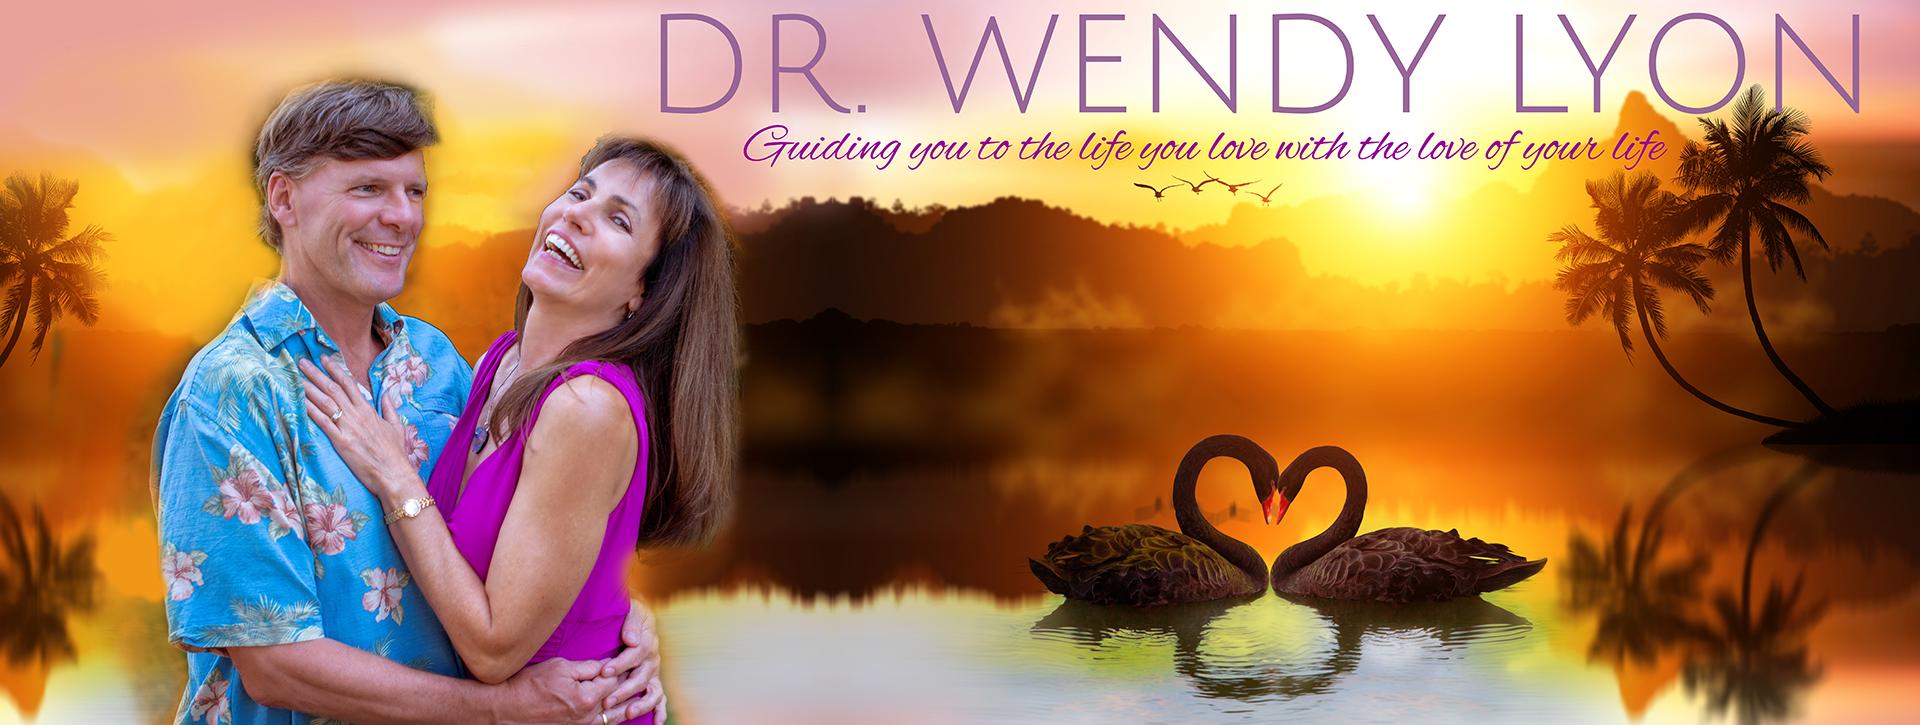 Dr. Wendy Lyon